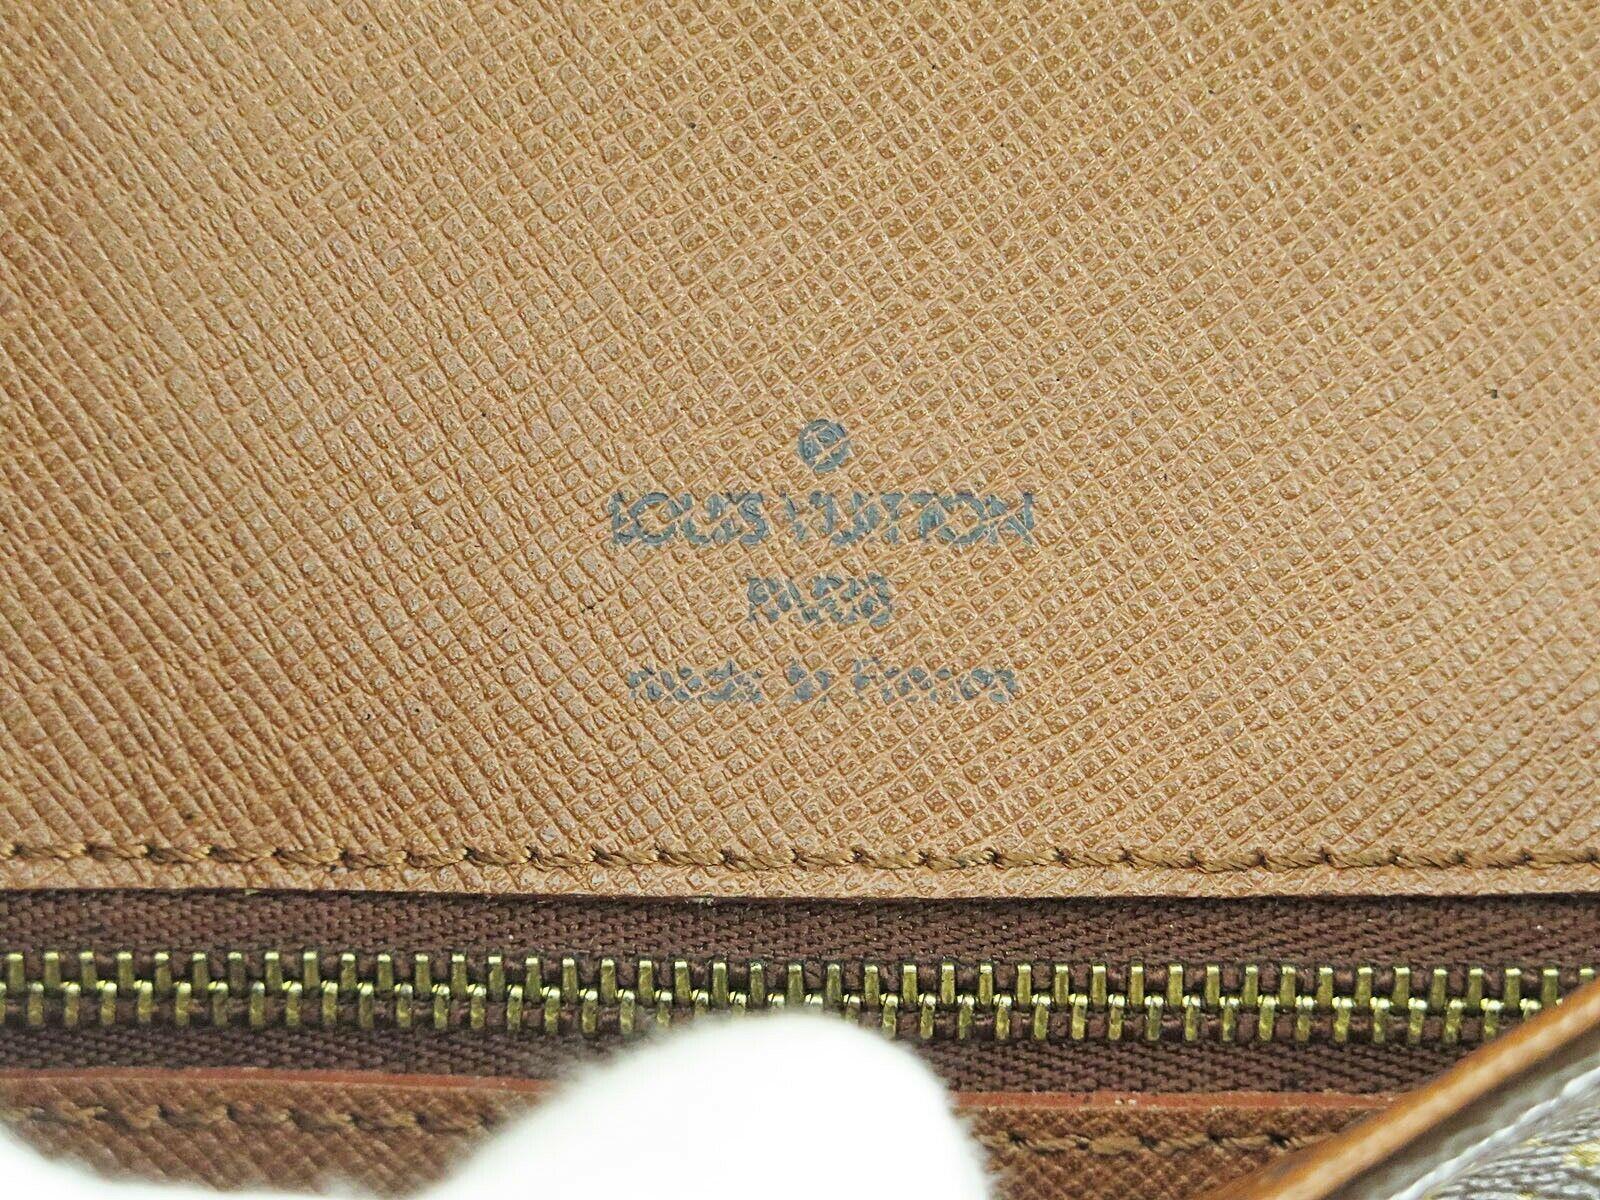 Authentic LOUIS VUITTON Chantilly GM Monogram Canvas Shoulder Bag #29105